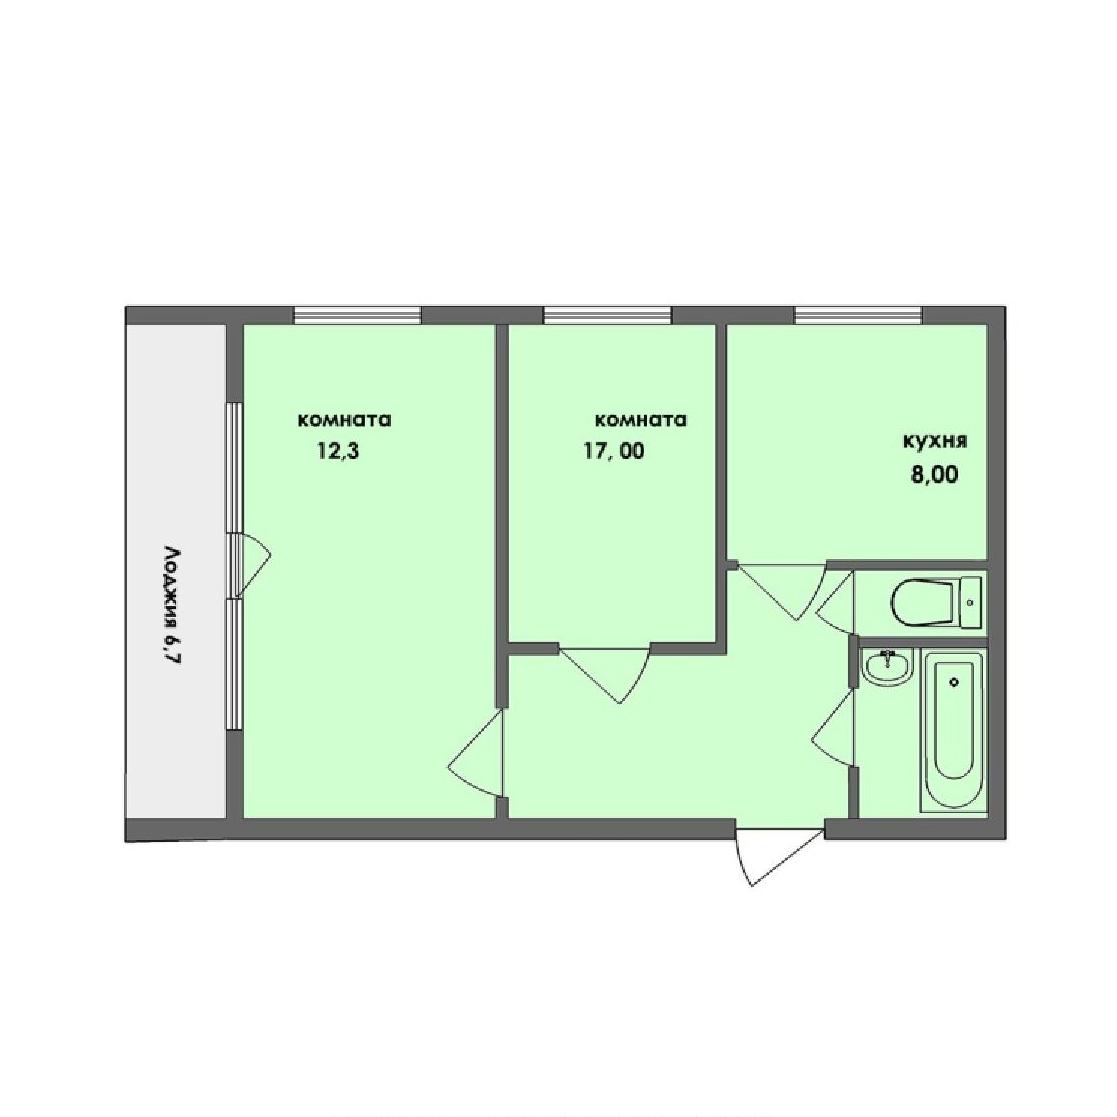 Топ-10 неудачных планировок квартир в новостройках - фото 7